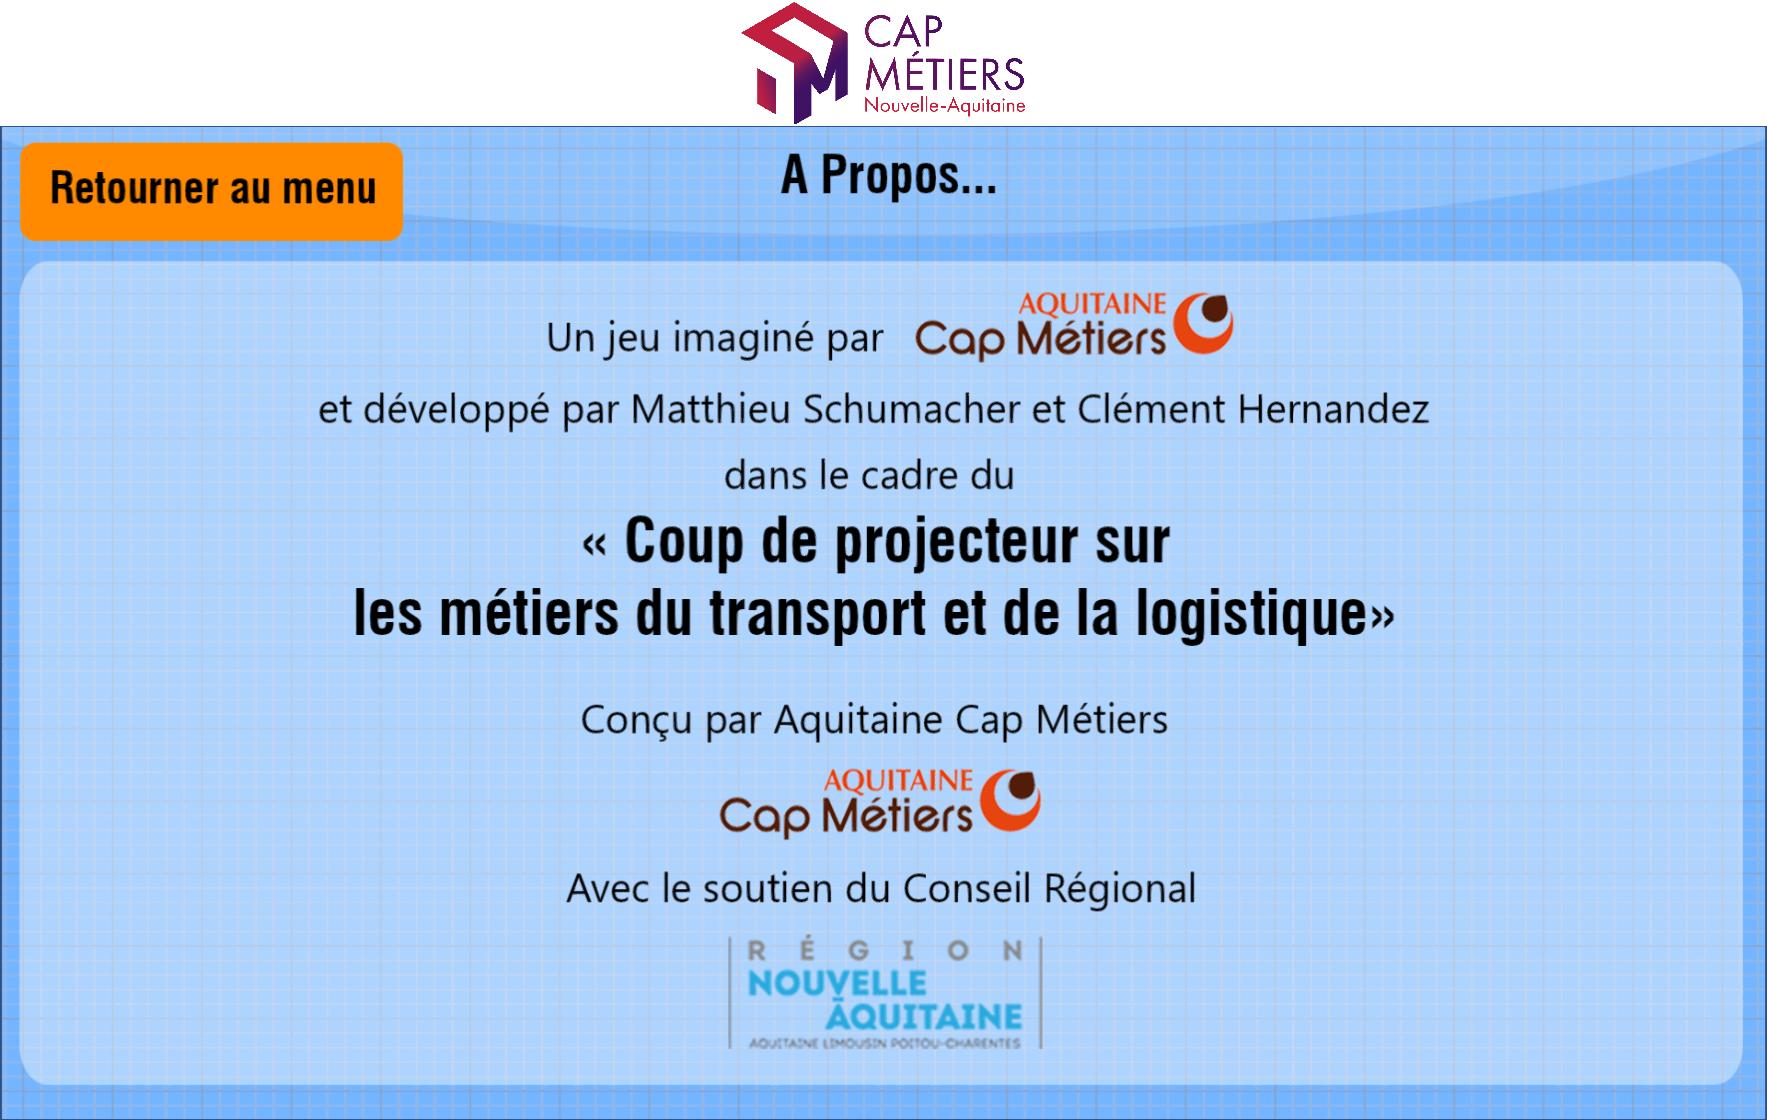 Les Métiers du transport et de la logistique - Cap Métiers Nouvelle-Aquitaine